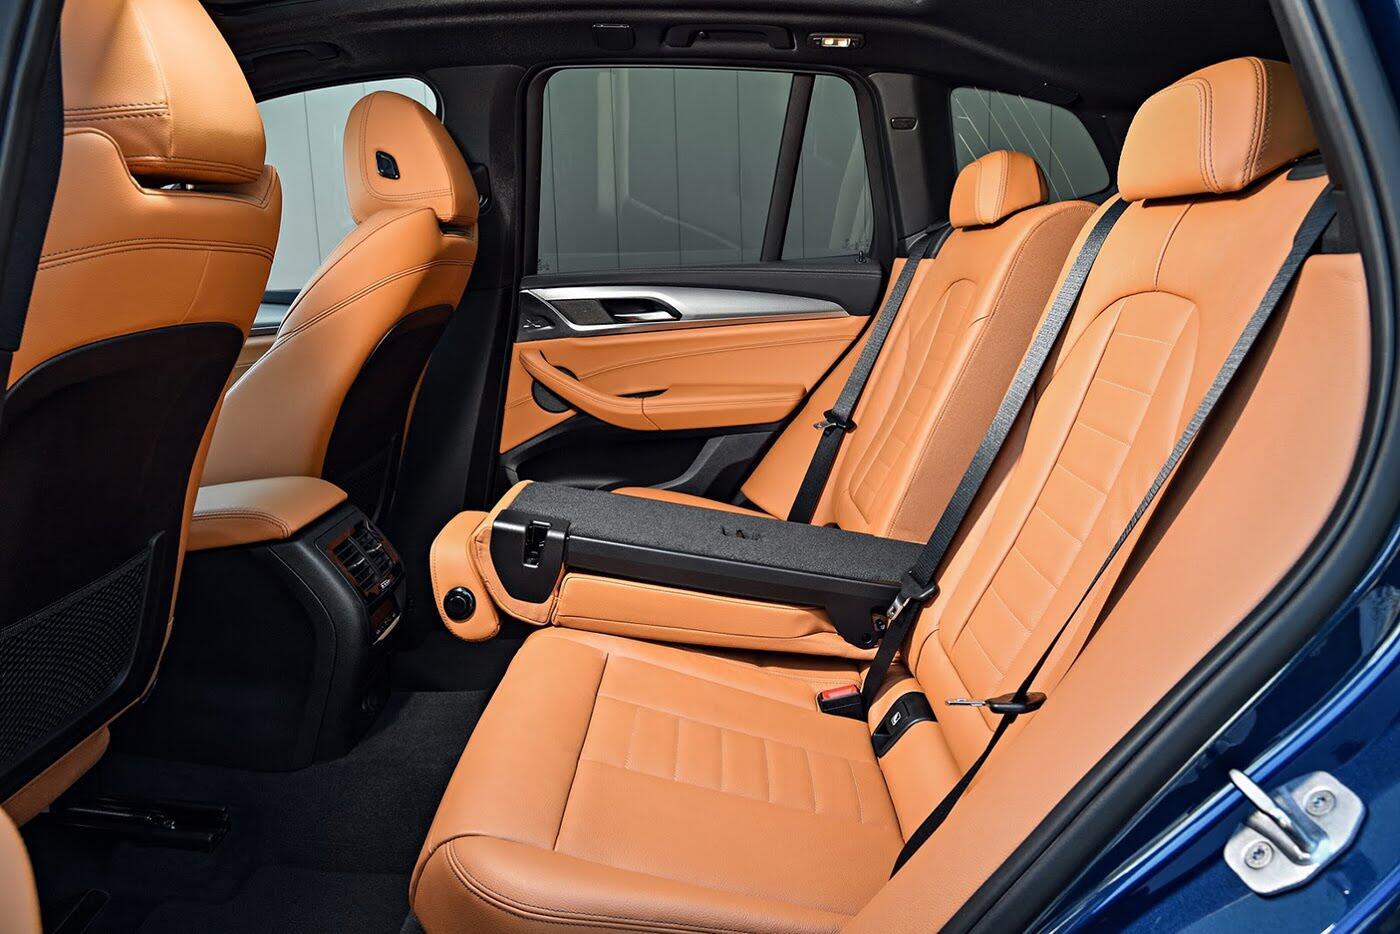 BMW X3 2018 chính thức trình làng, thêm nhiều trang bị mới - Hình 10